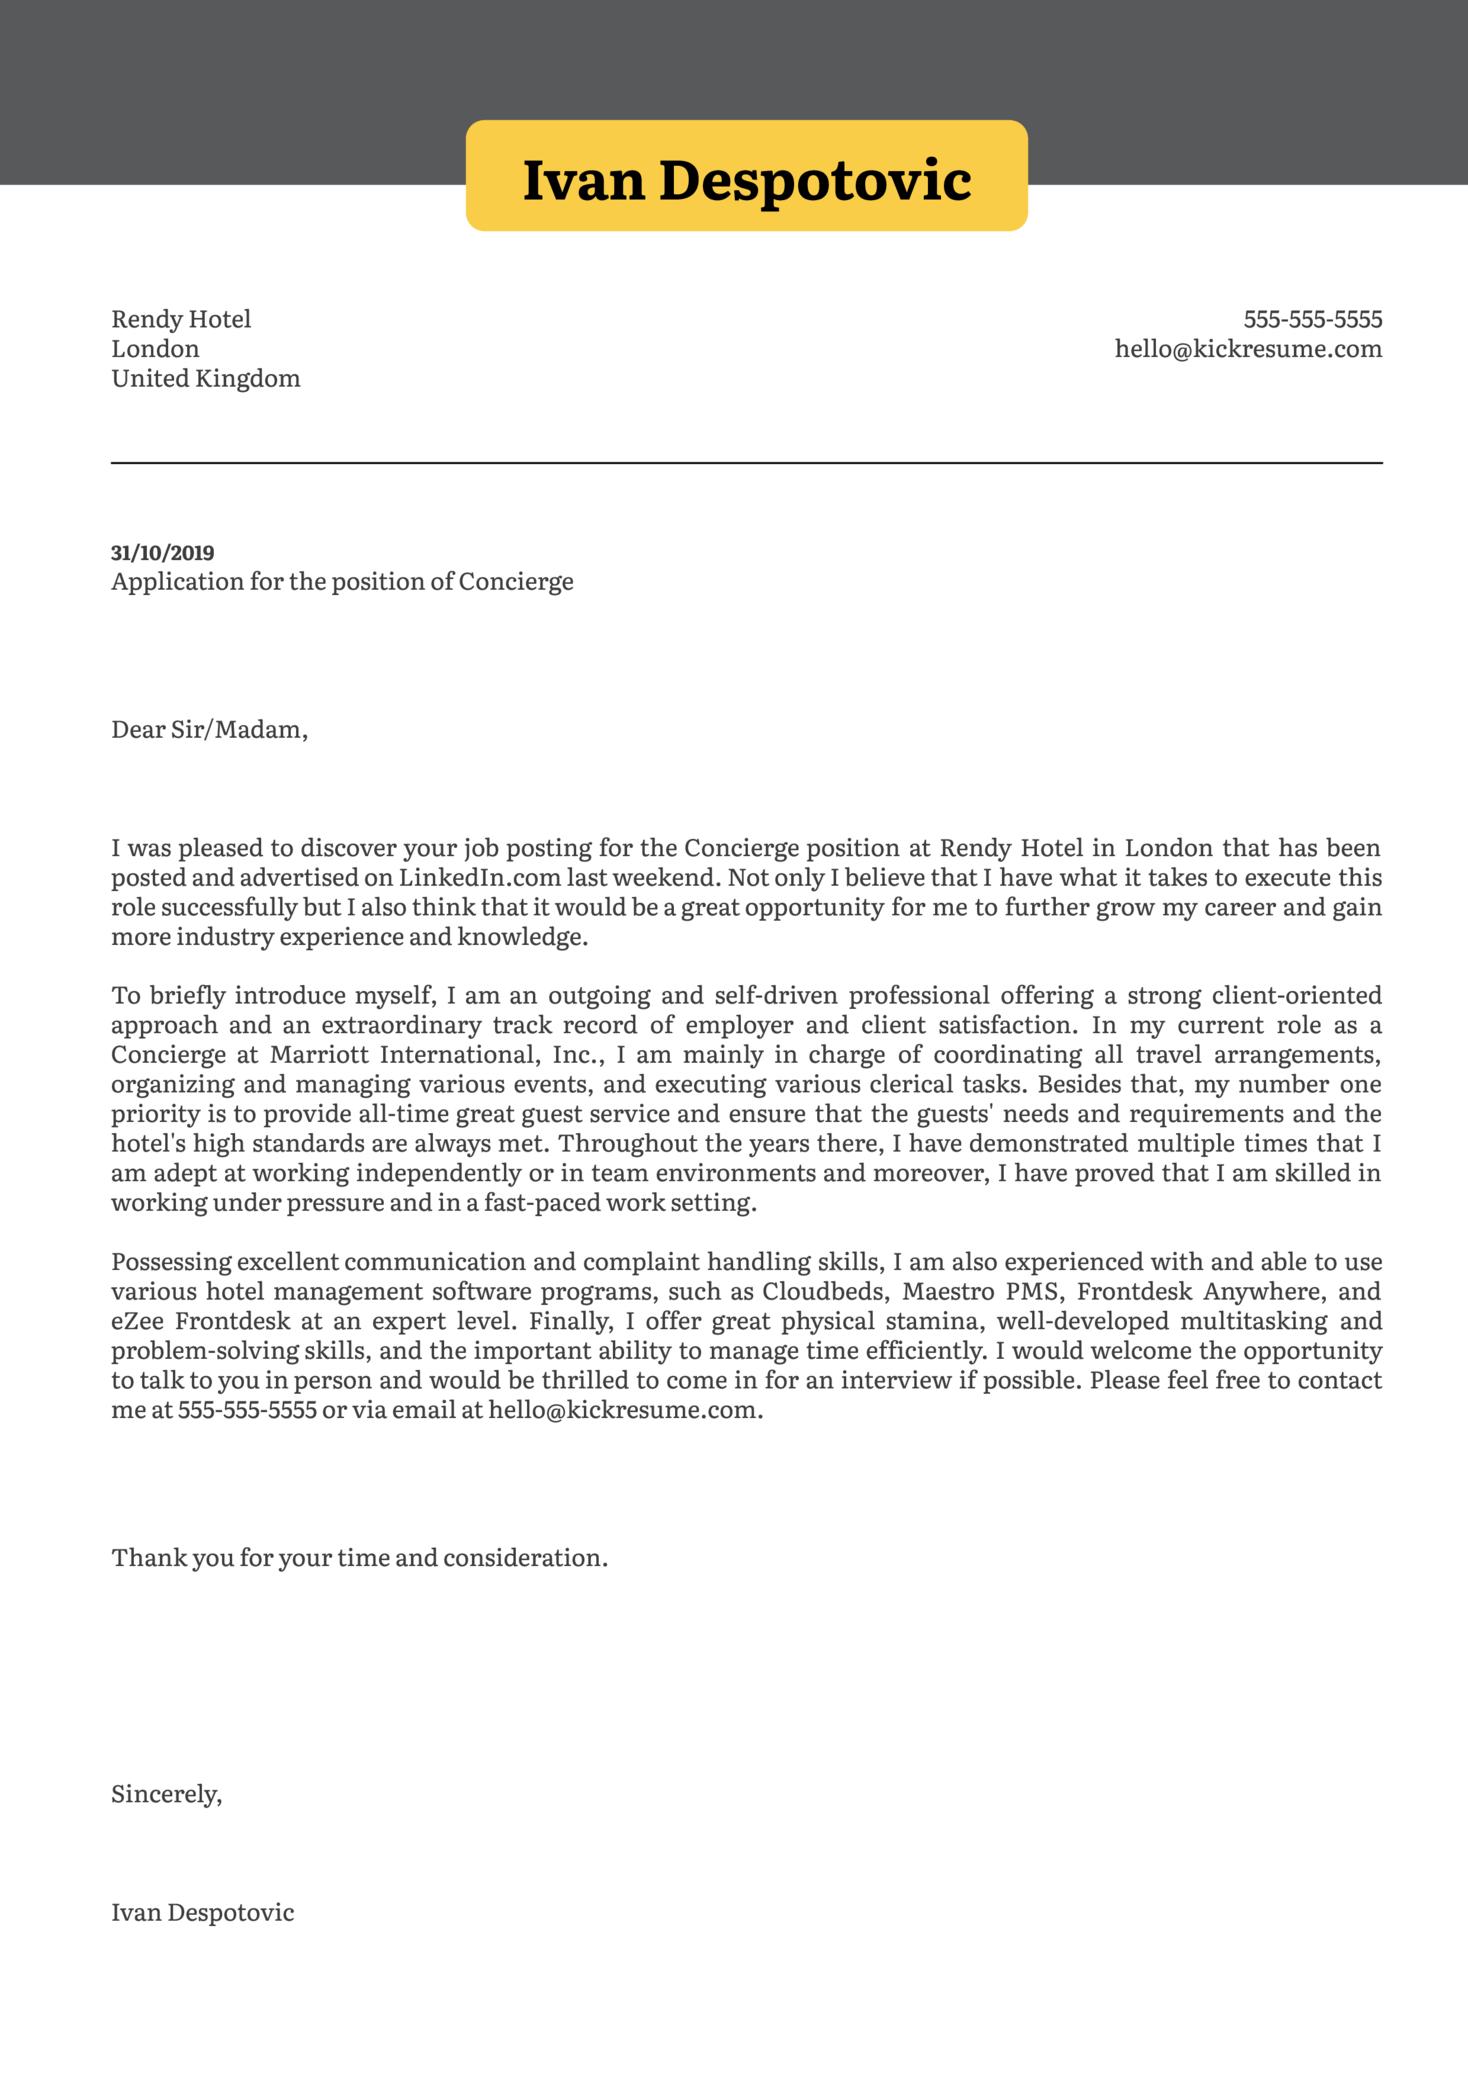 cover letter sample for hotel job